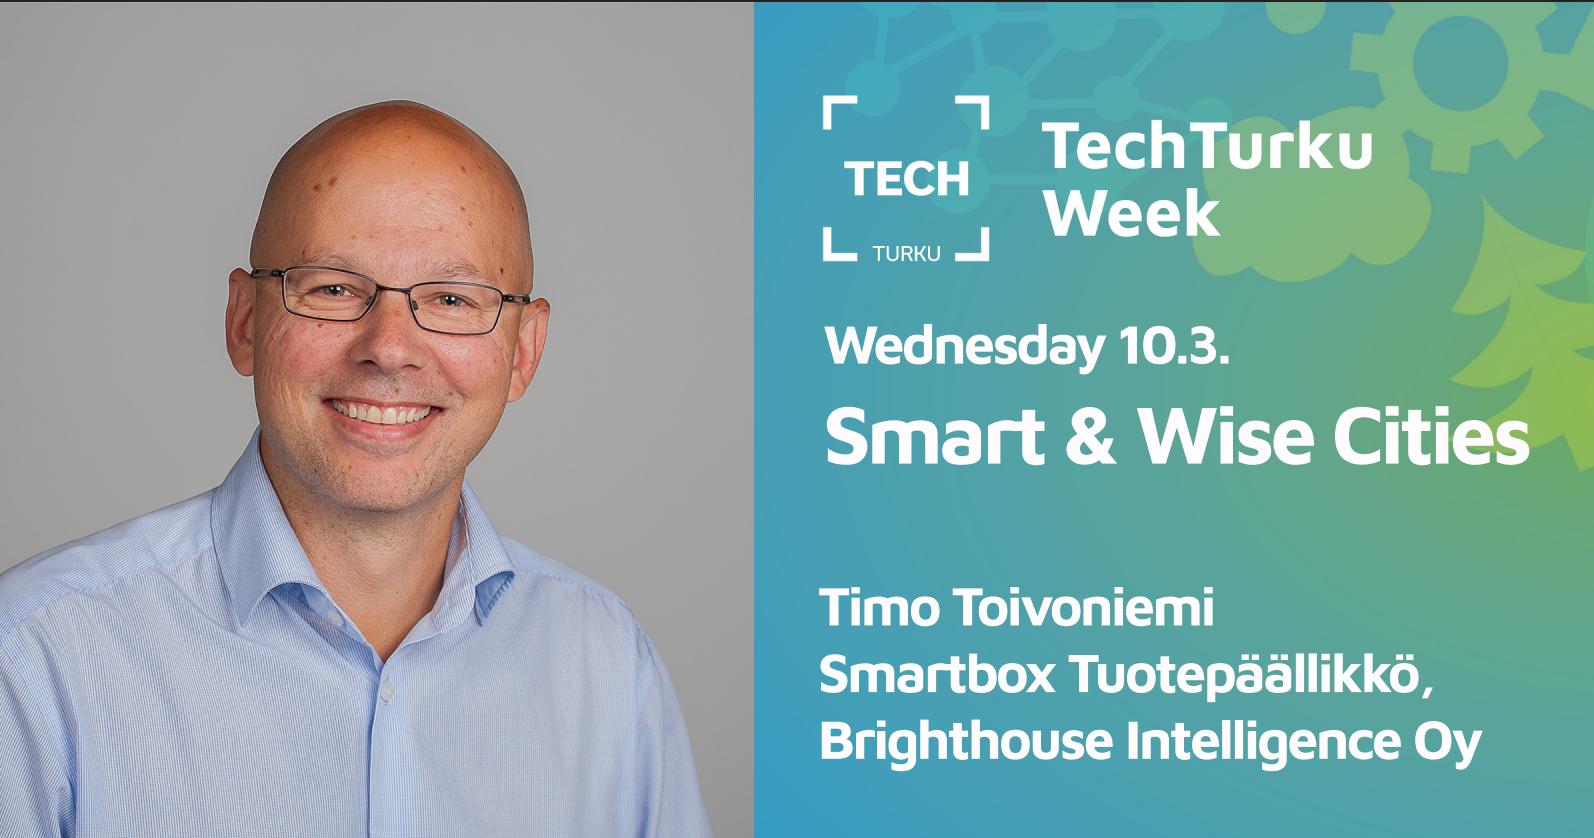 Smart & Wise Cities, TechTurku Week – SmartBox